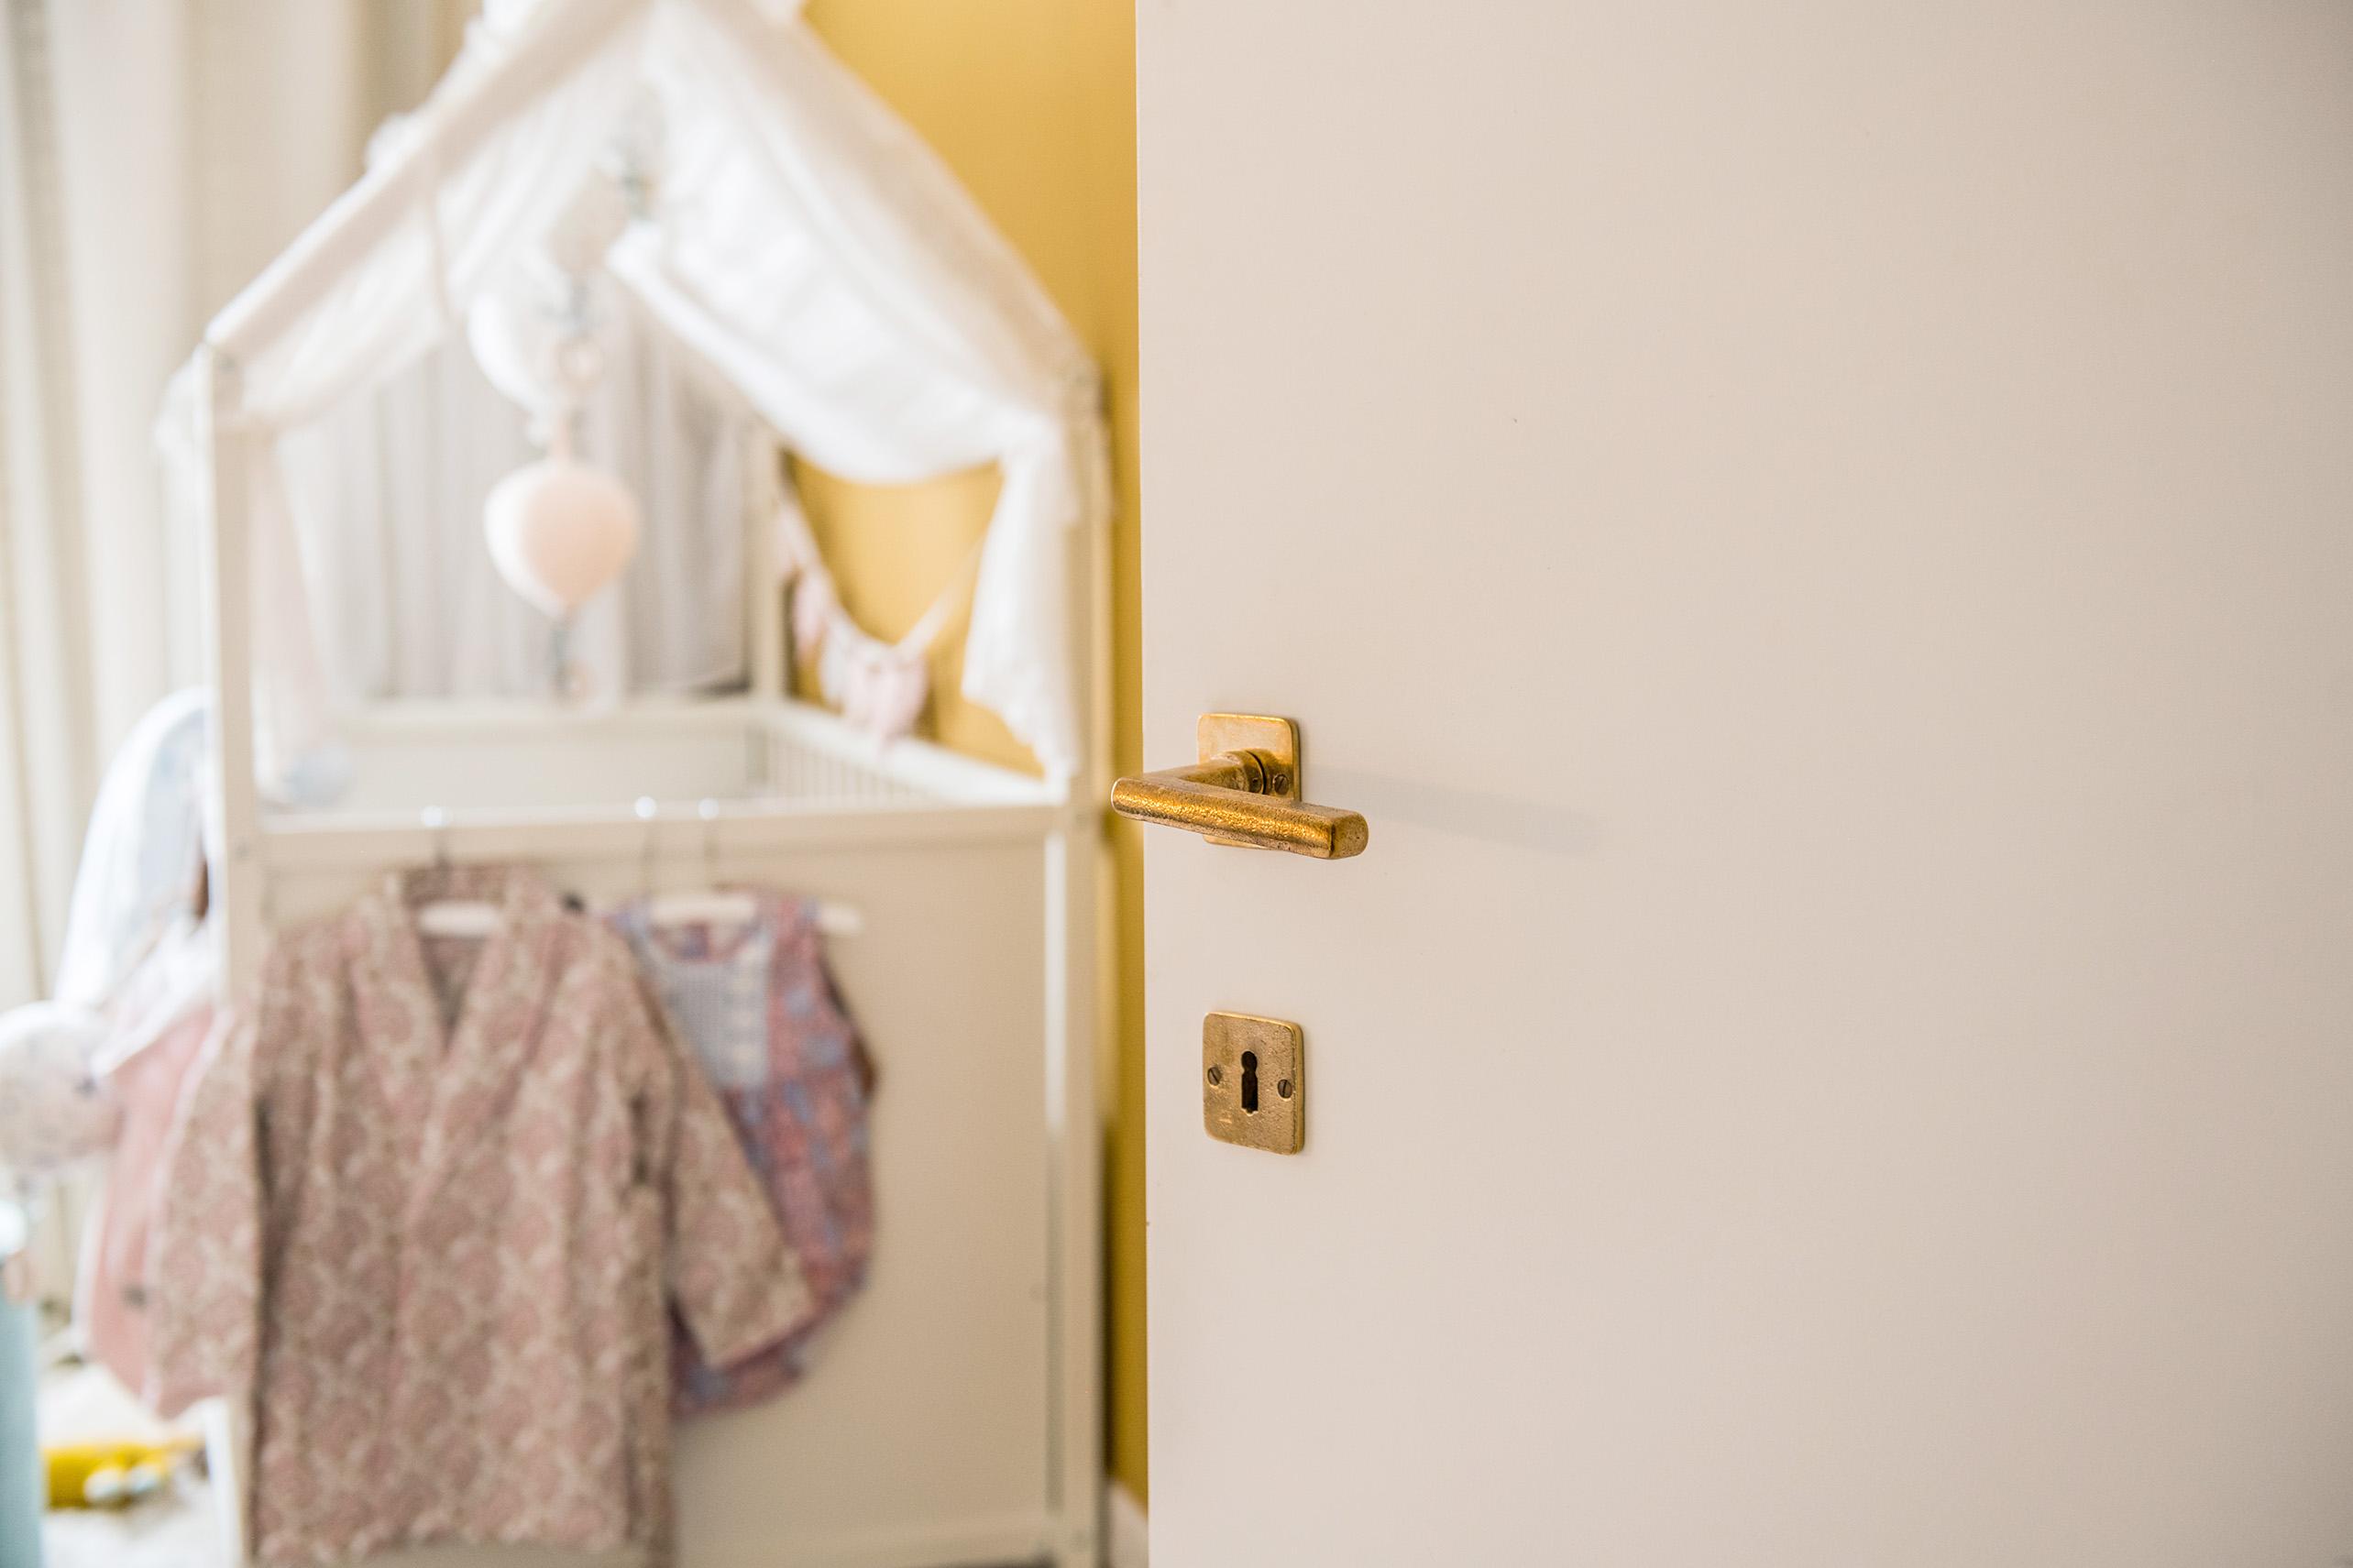 Kinderkamer bij Valerie Brems met deurbeslag in Ruw Brons Gepolijst